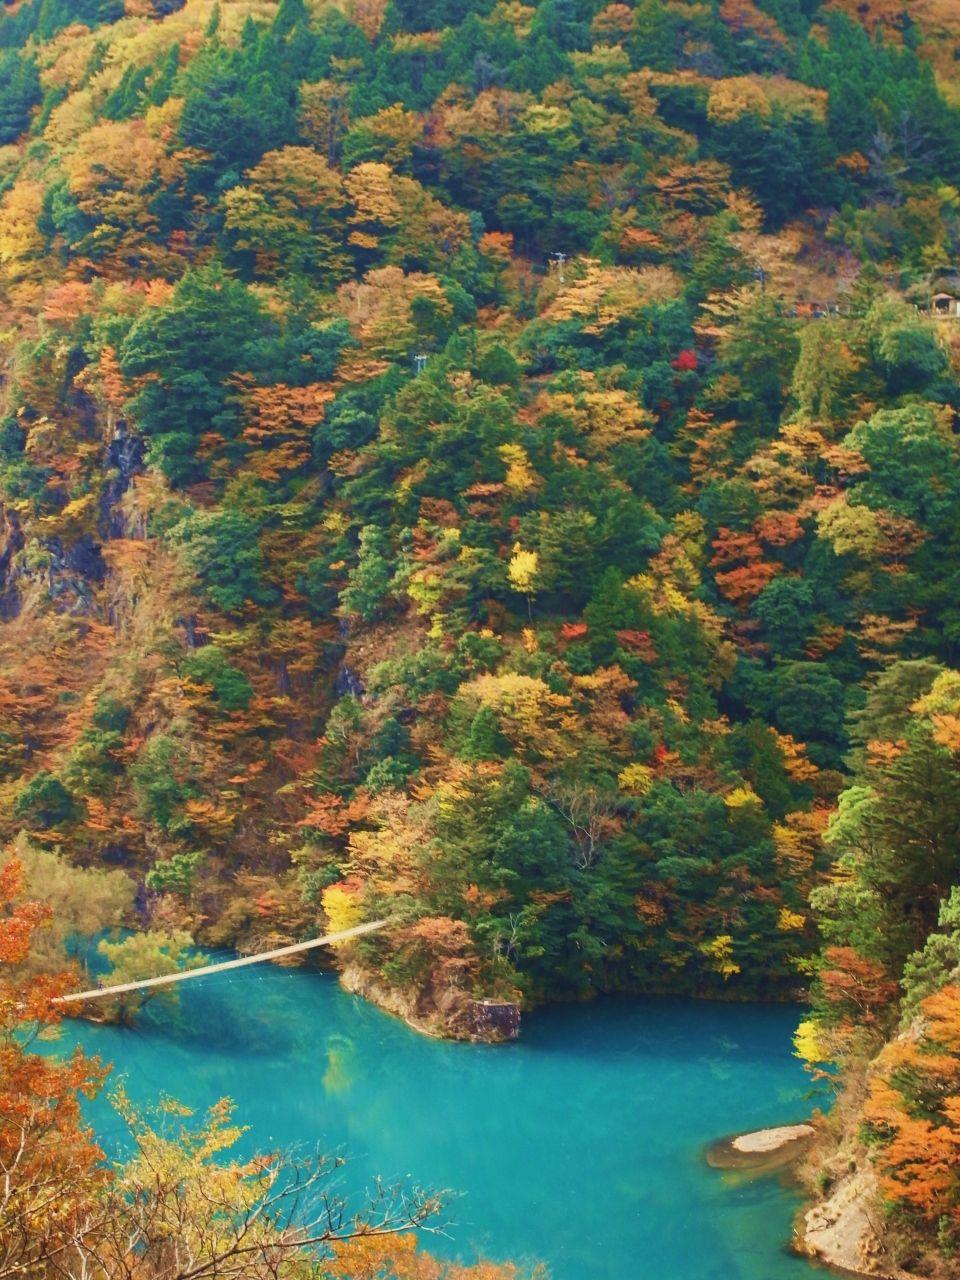 秋の紅葉巡り in 静岡【寸又峡&大井川アプト式鉄道】』 [寸又峡温泉 ... 静岡への日帰りバスツアーに参加しました。<br />今回